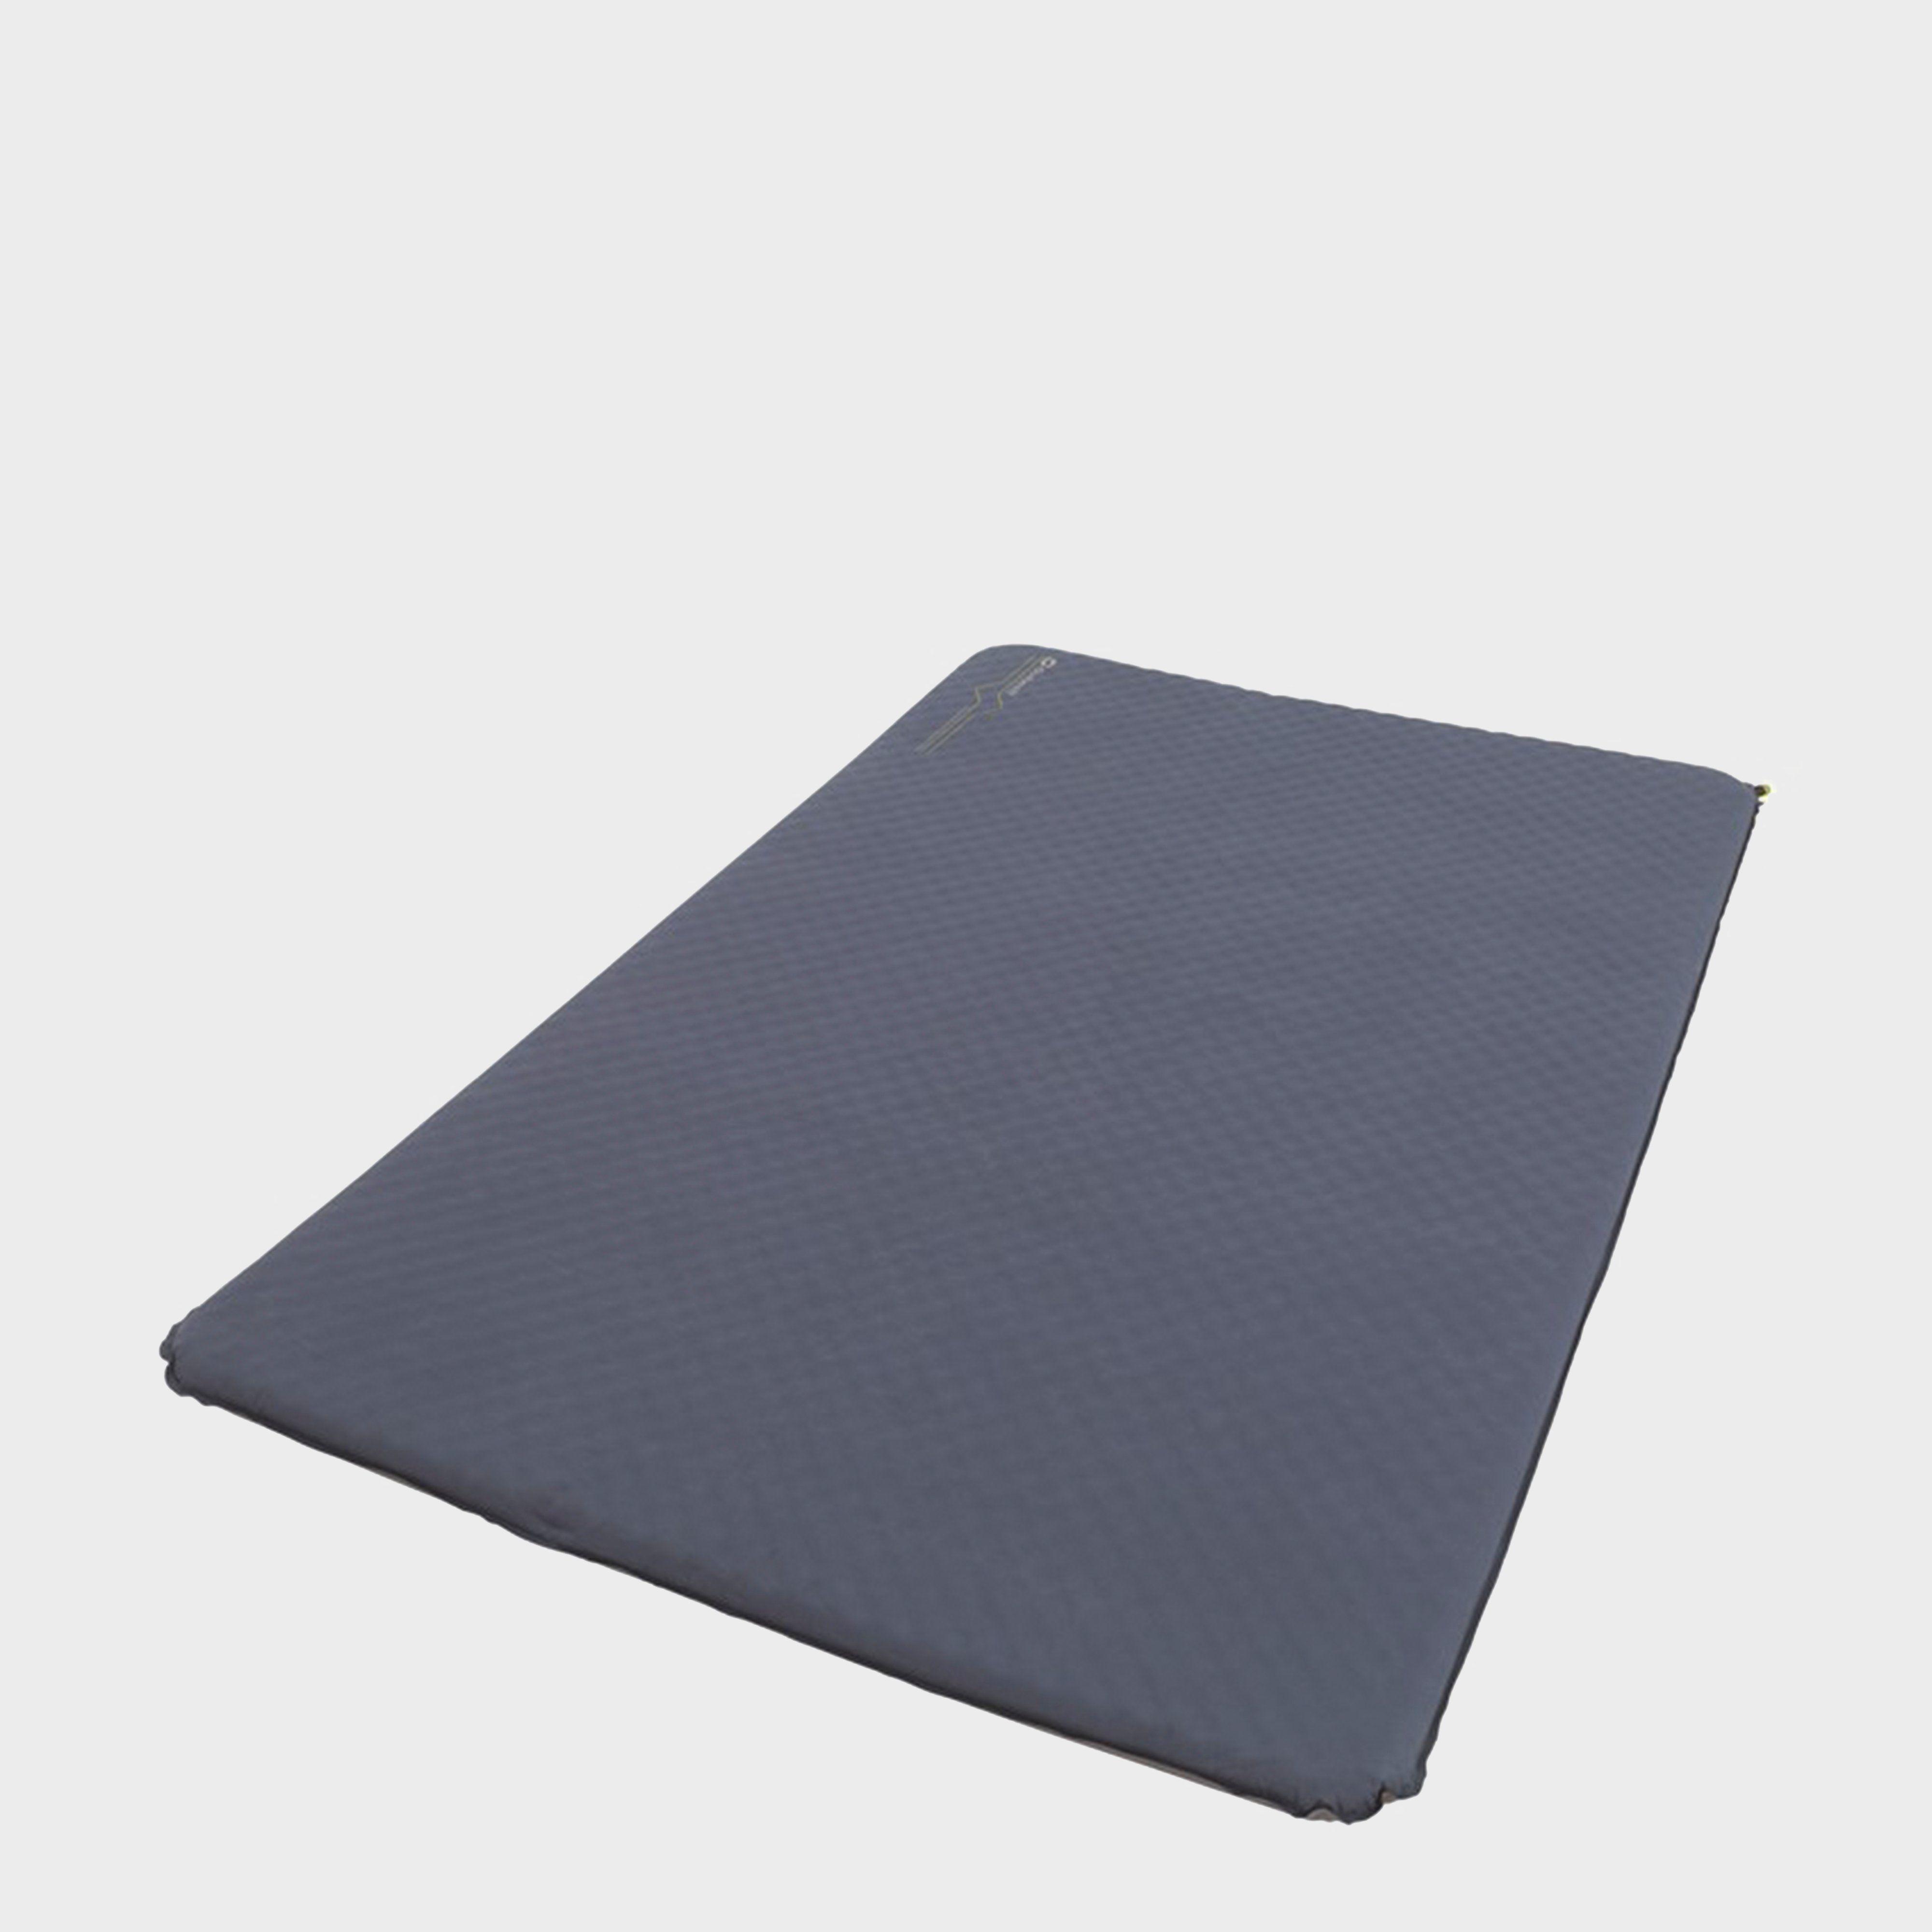 OUTWELL Dreamcatcher 5cm Sleeping Mat (Double)